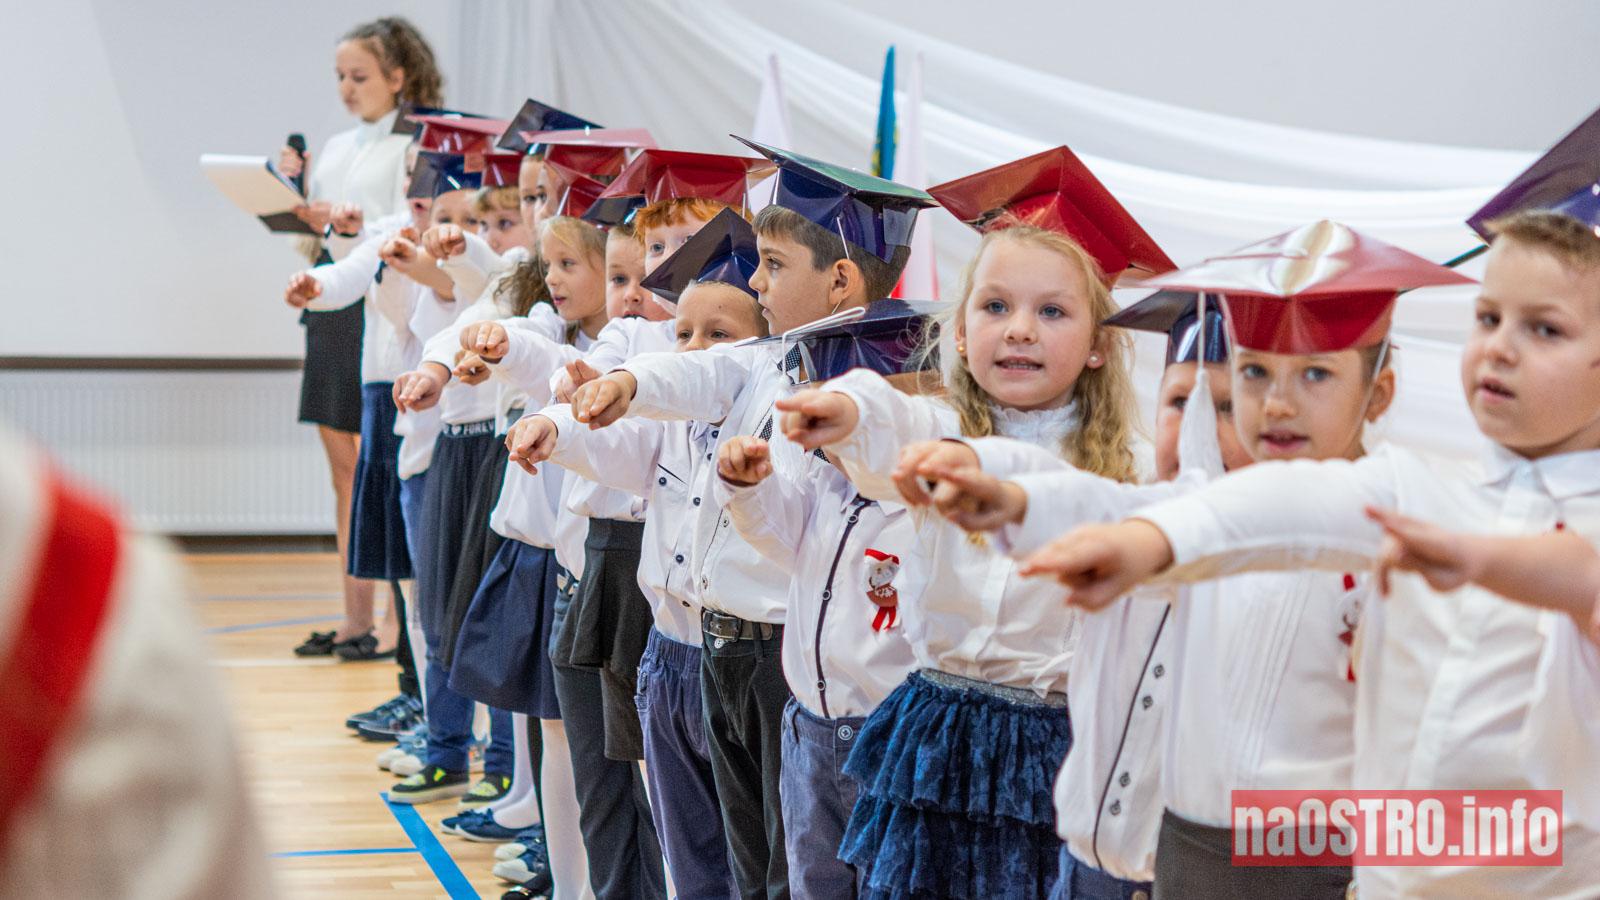 NaOSTRO Otwarcie Szkoły w Bałtowie-145